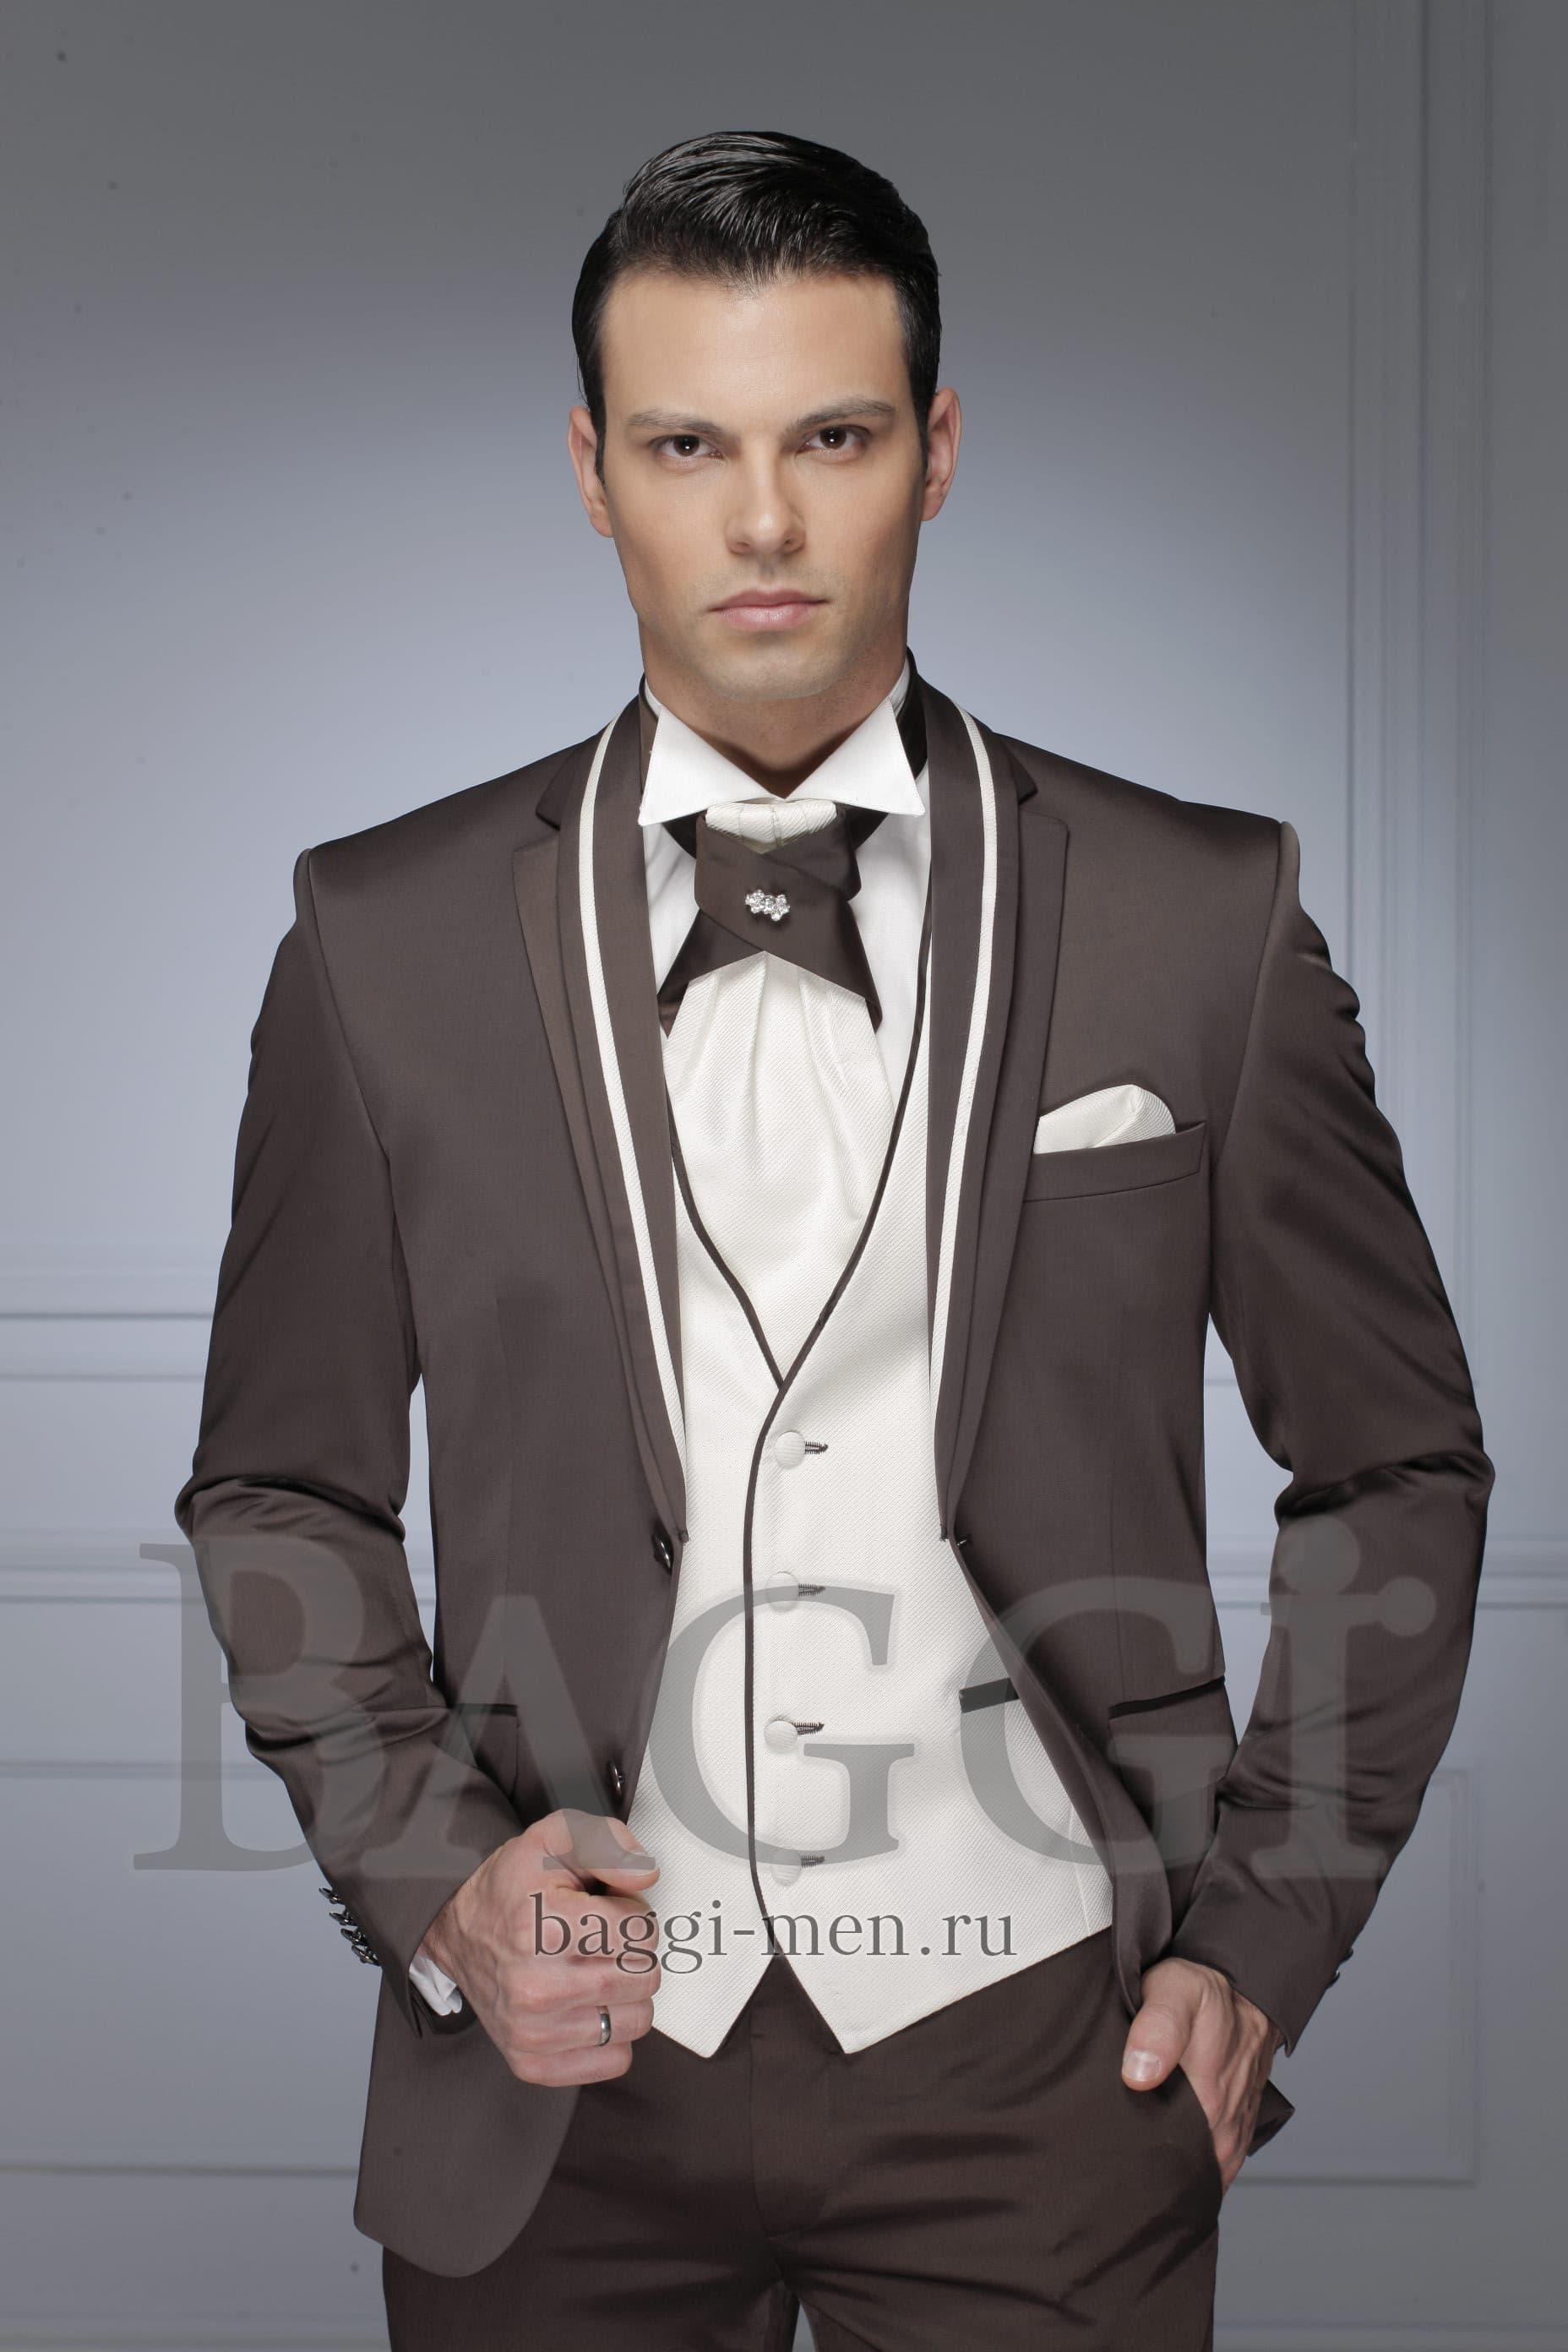 ▷▷Серо-коричневый свадебный костюм-тройка с однобортным пиджаком и брюками  прямого кроя 77421e7b623c4